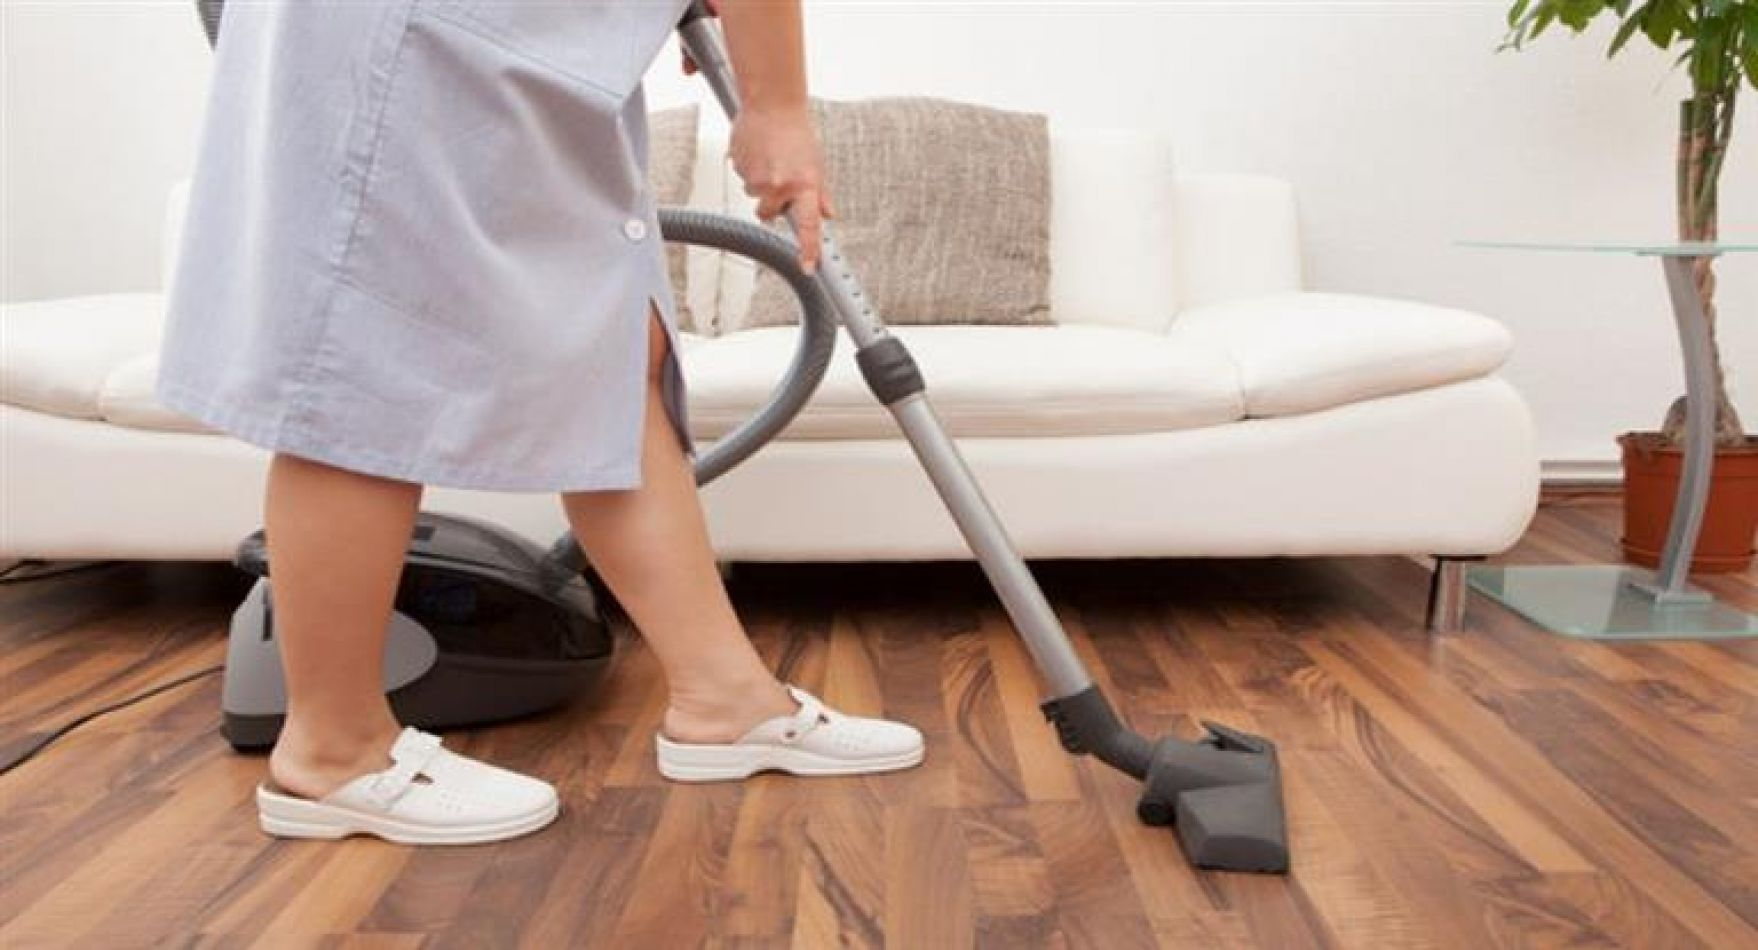 Empleadas domésticas acordaron un 25% de aumento